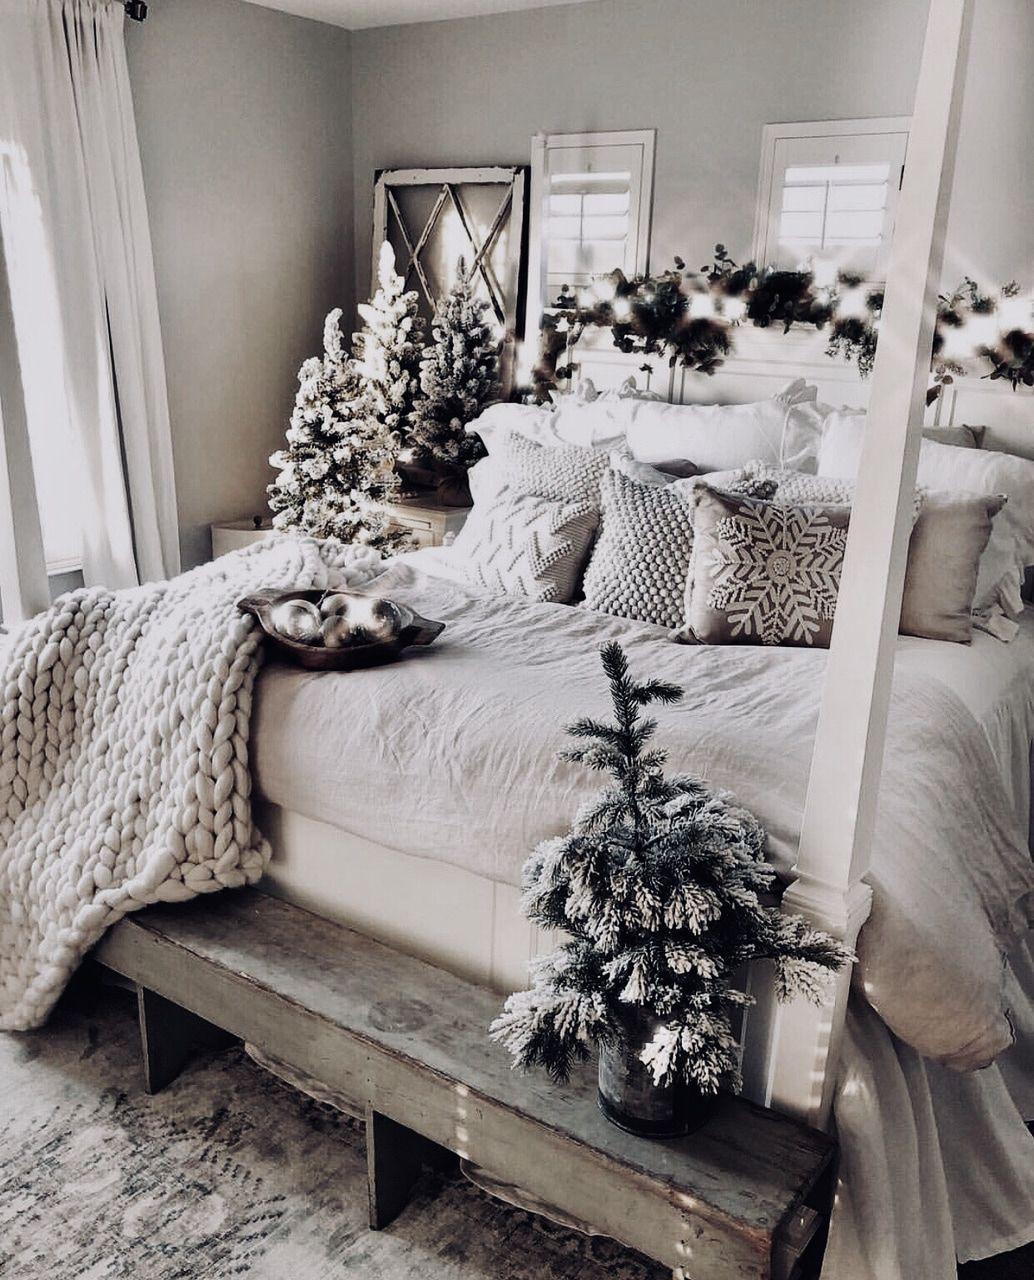 ᗰƖᔕᔕ ᗰᗩᖇƖᗩ Décoration maison, Deco noel, Decoration